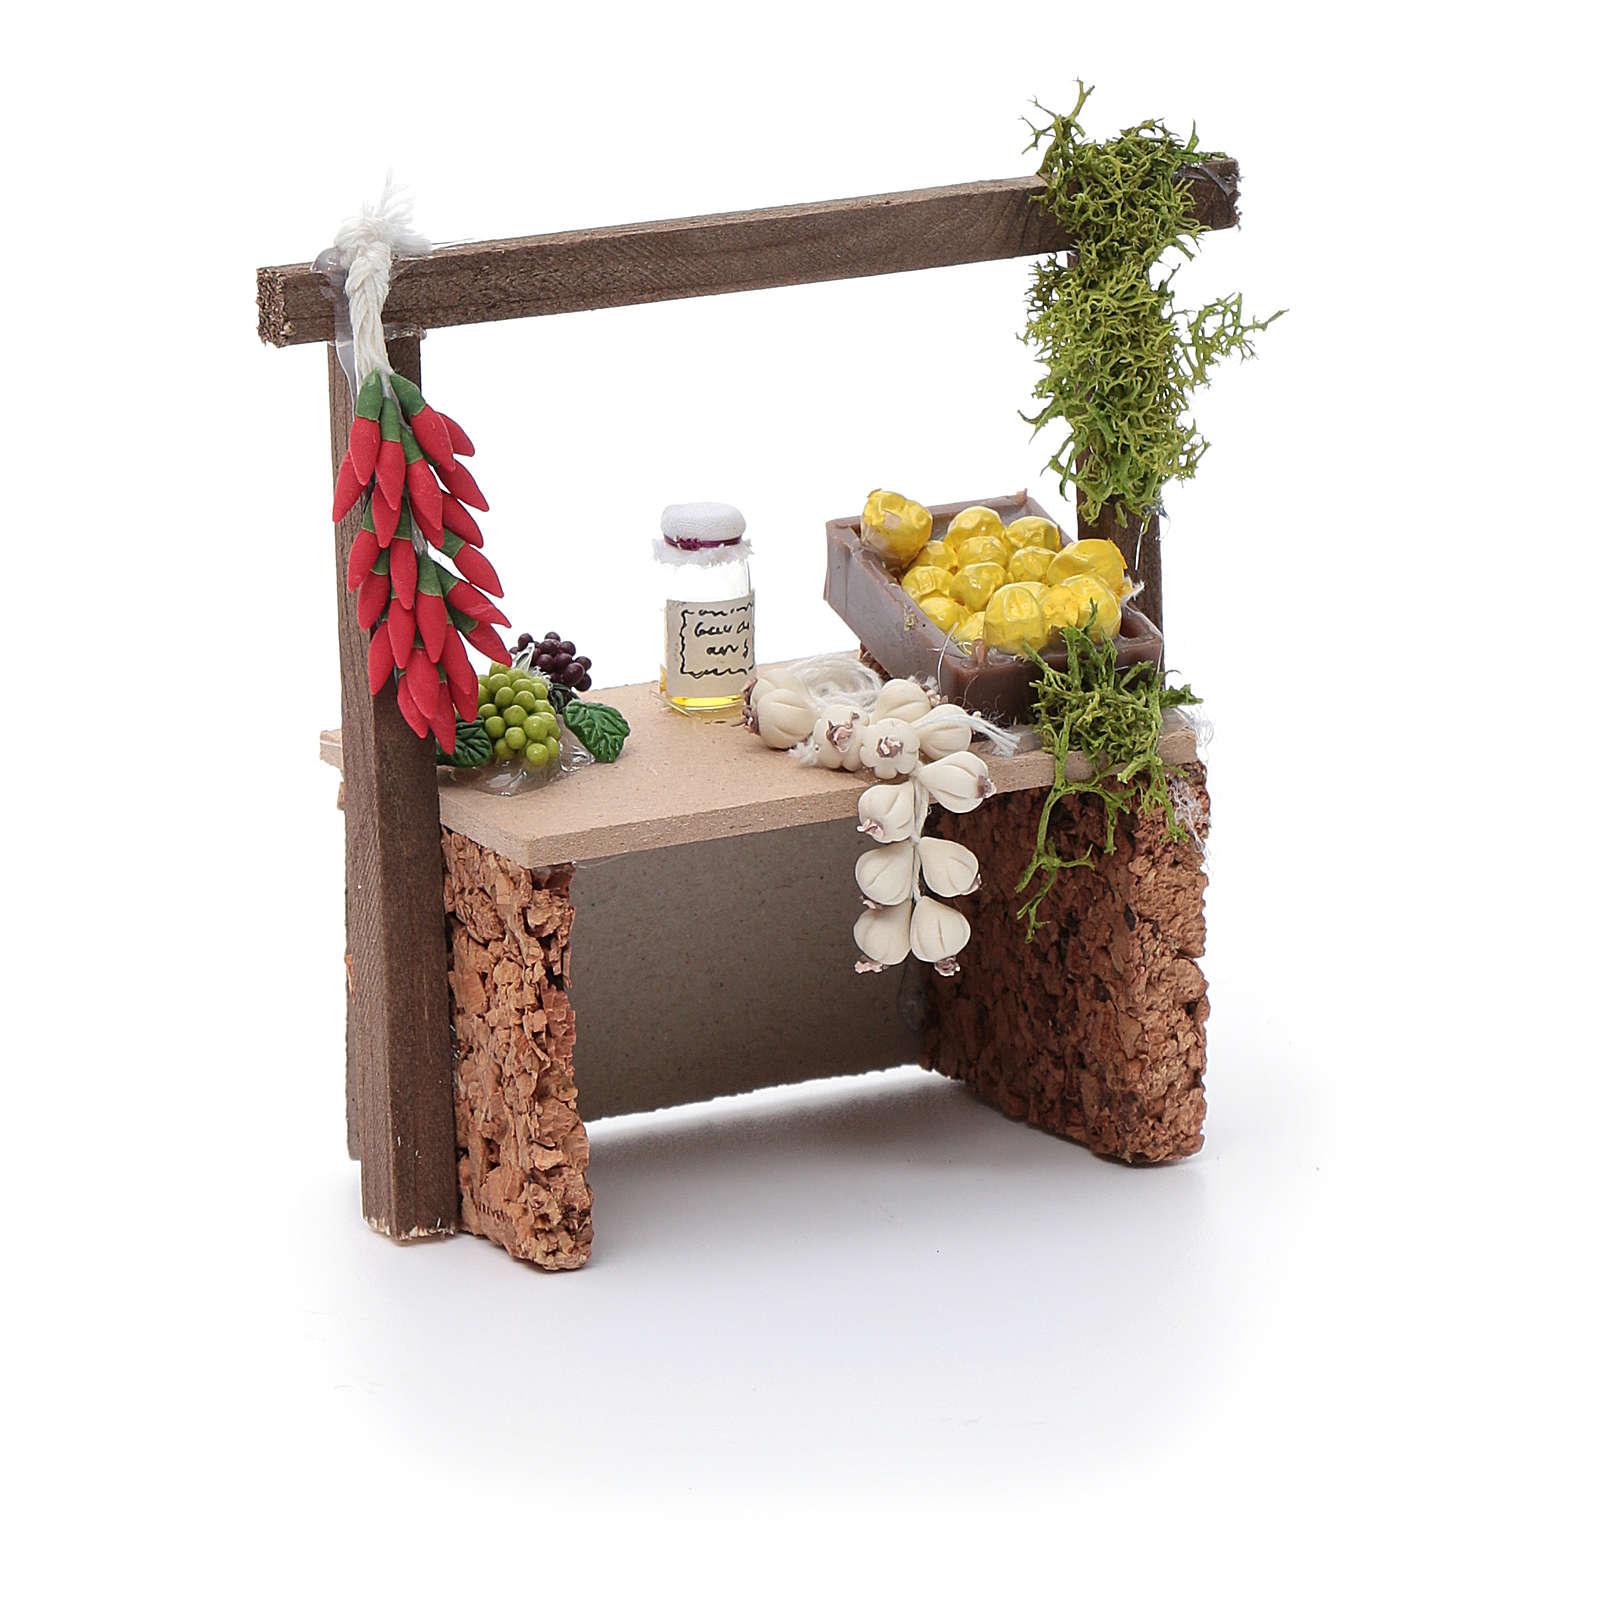 Banco aglio e peperoncino per presepe 10x10x5 cm 4